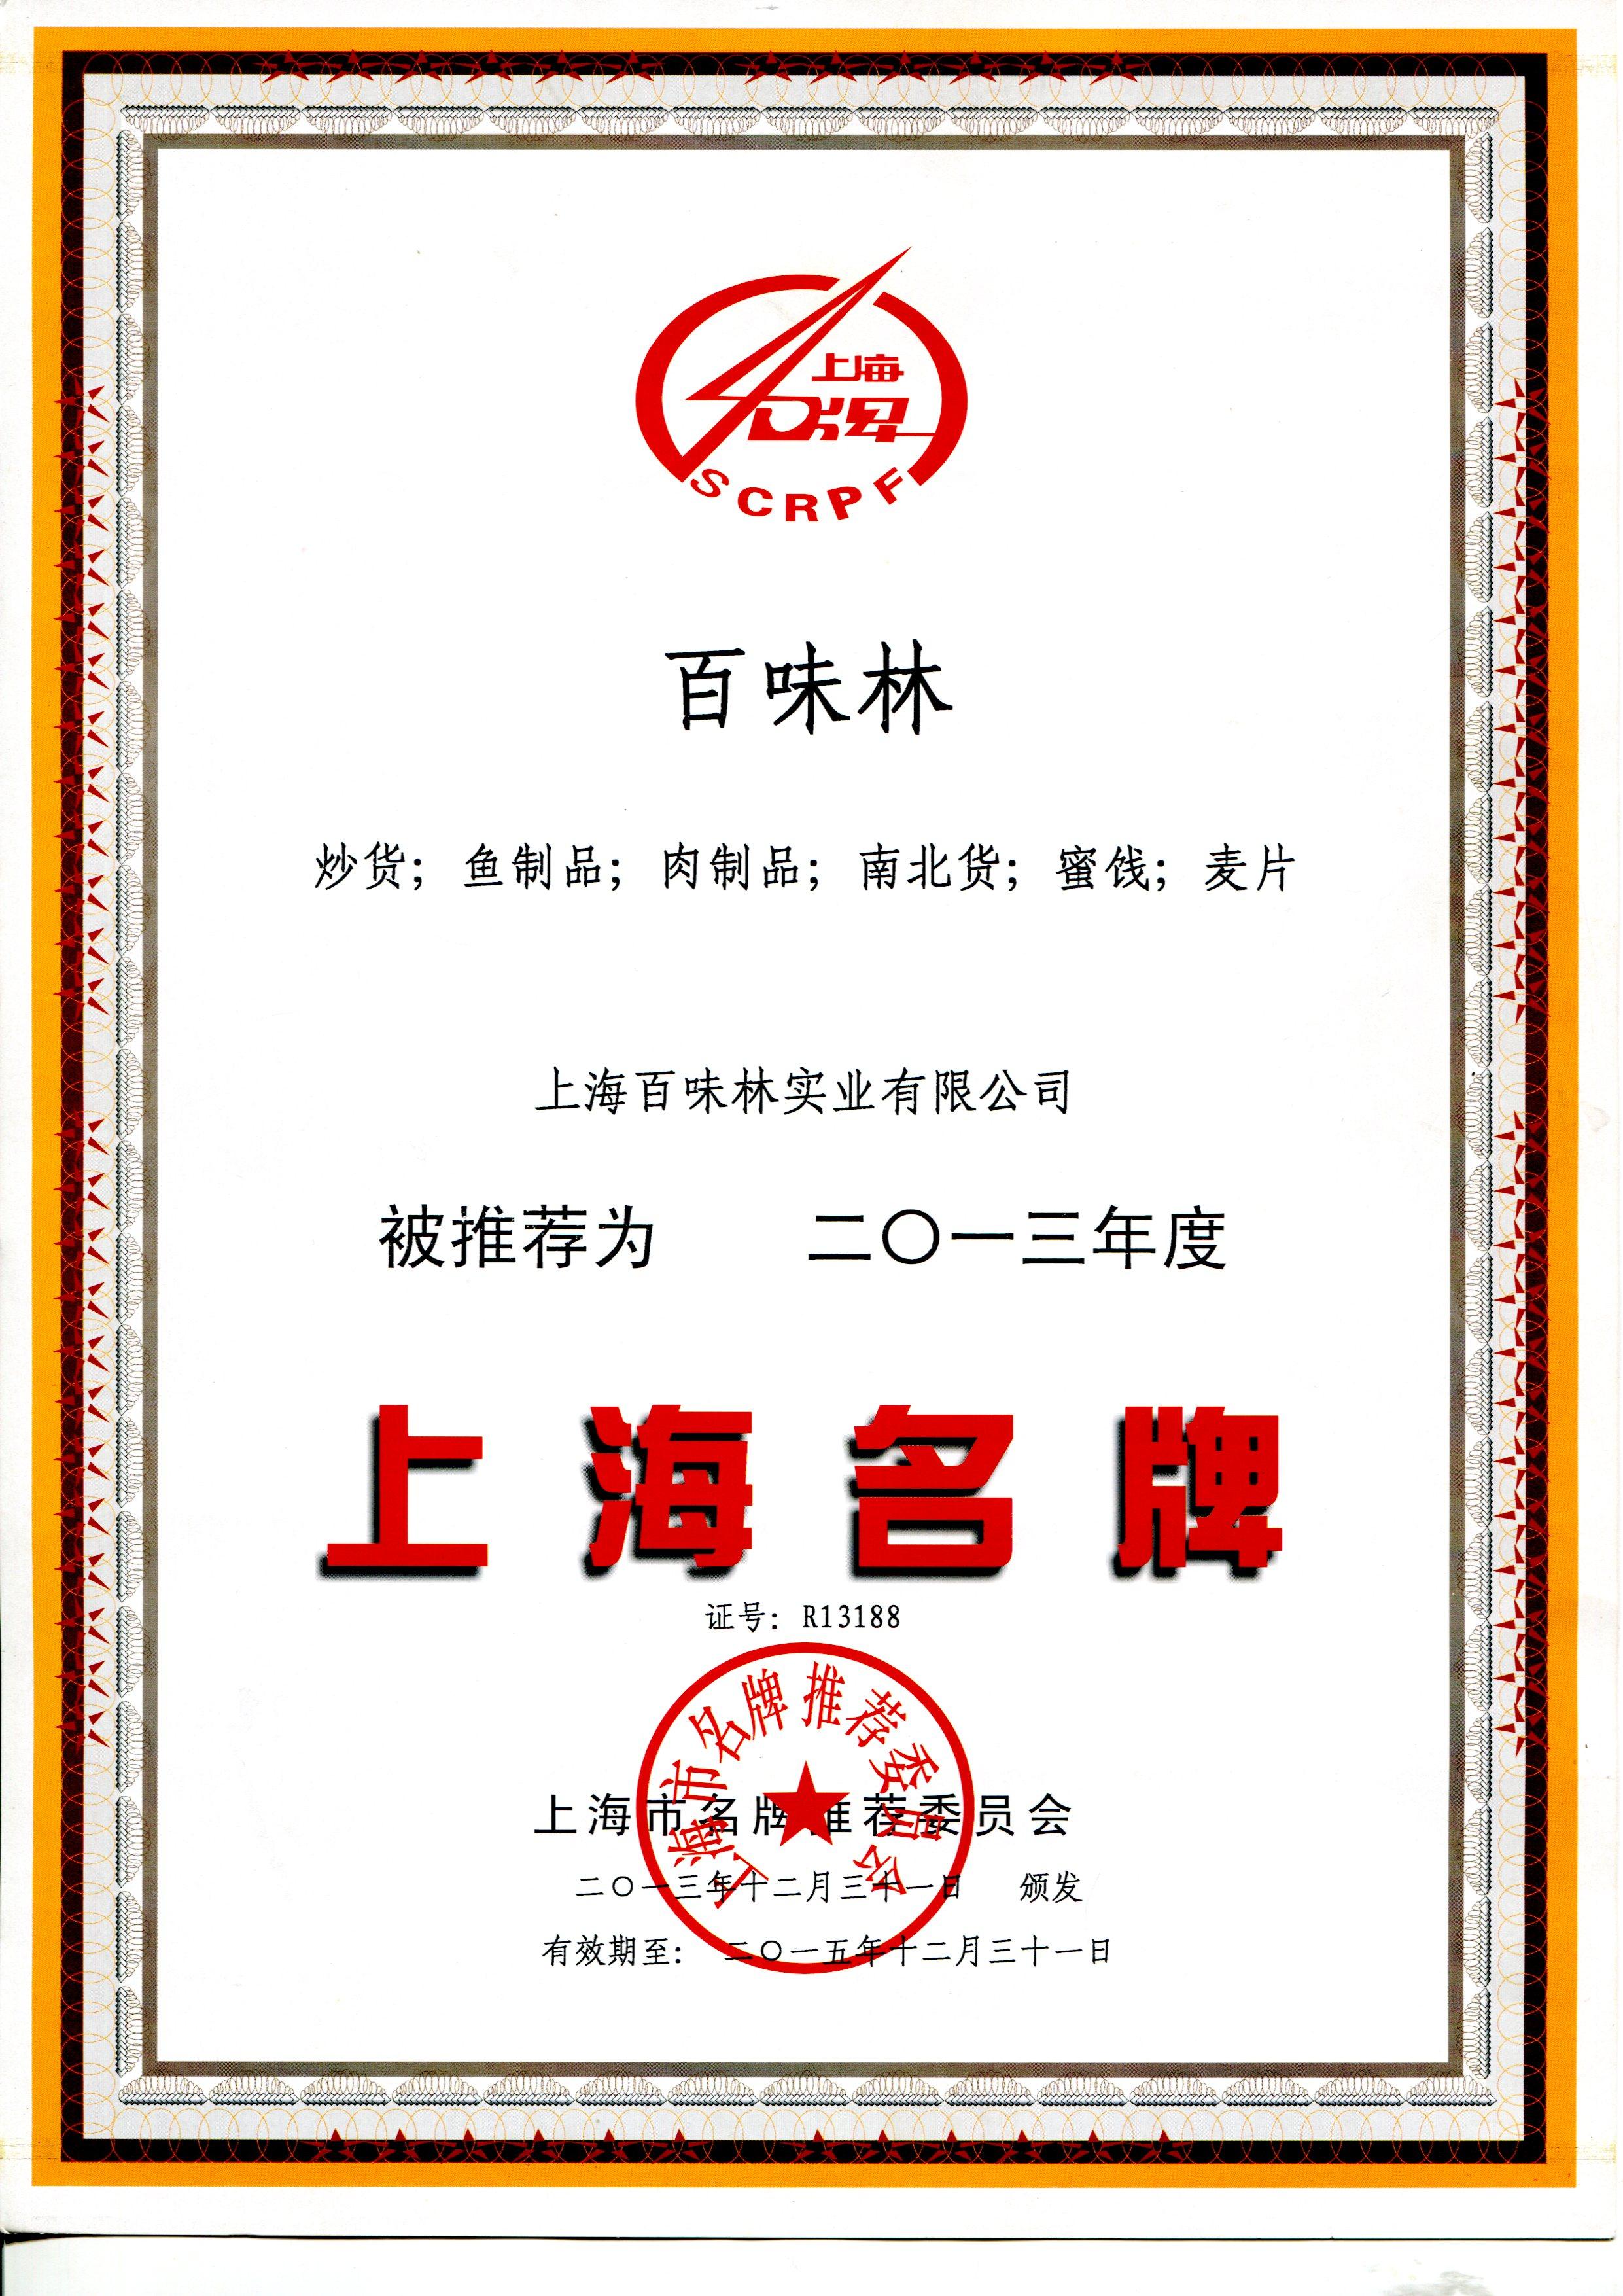 百味林(上浦路店)